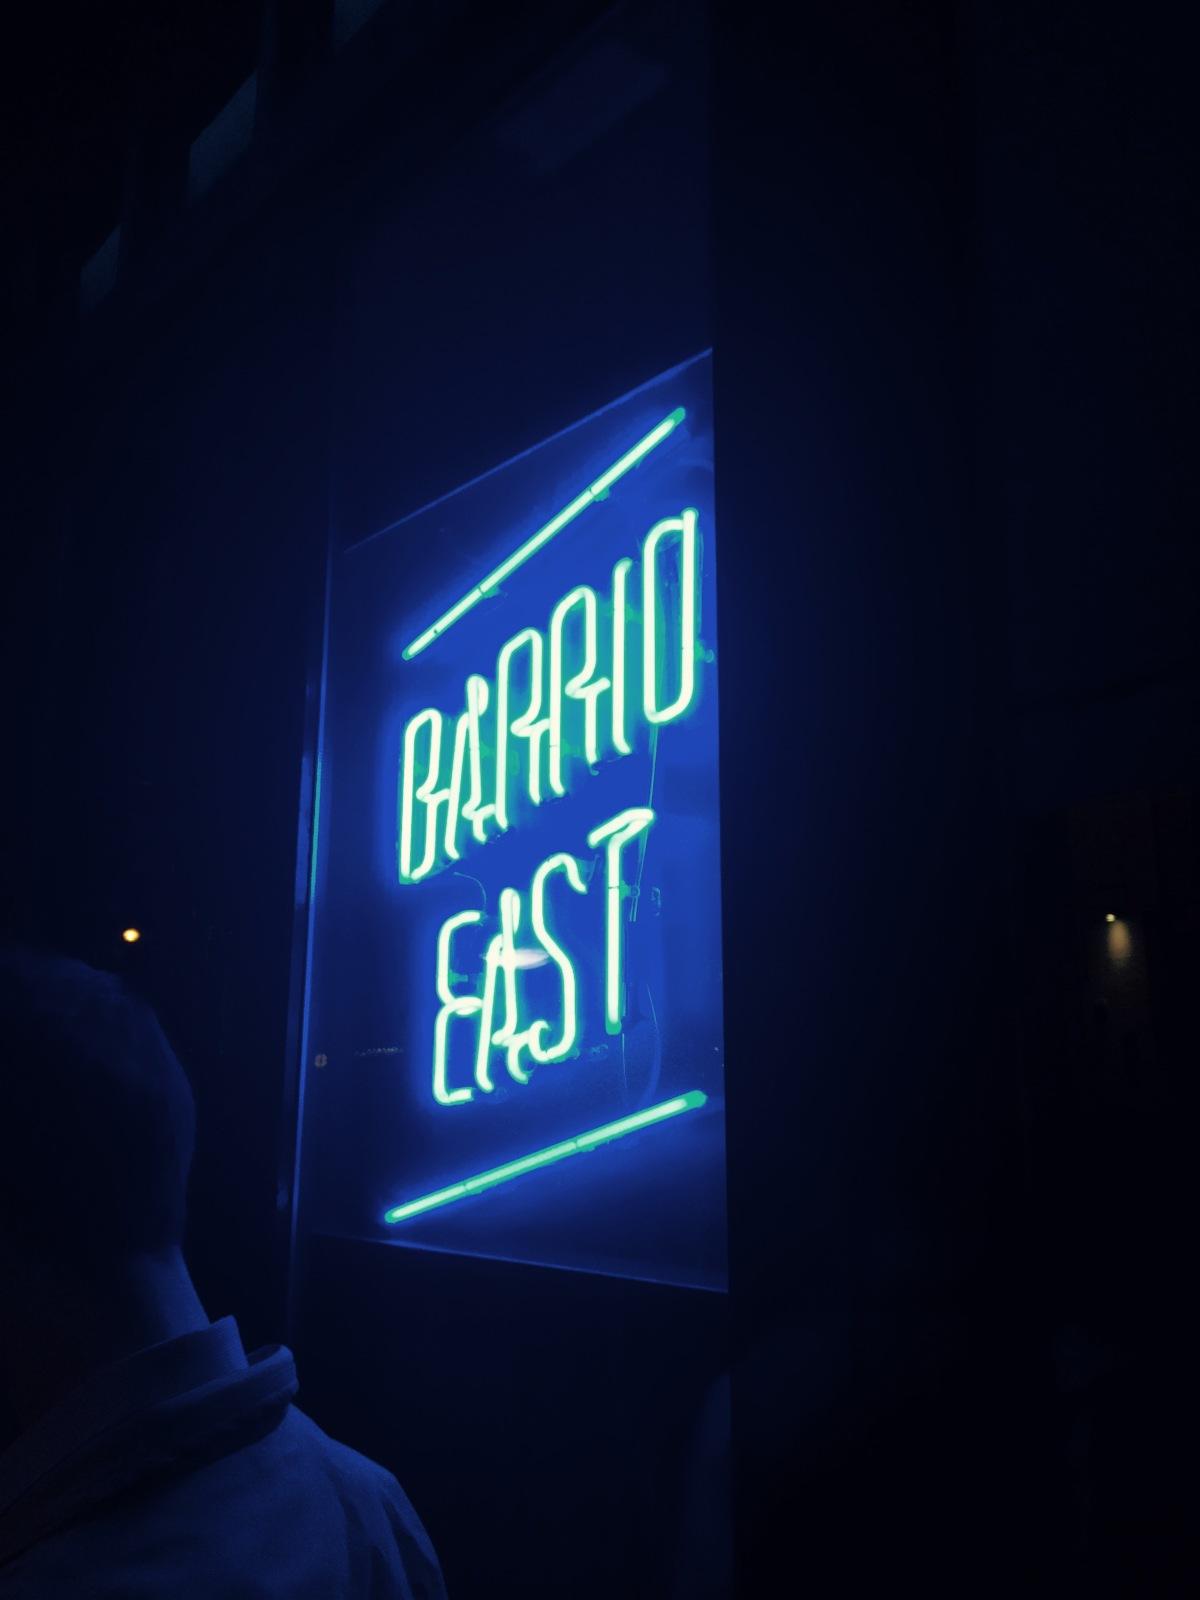 Barrio East